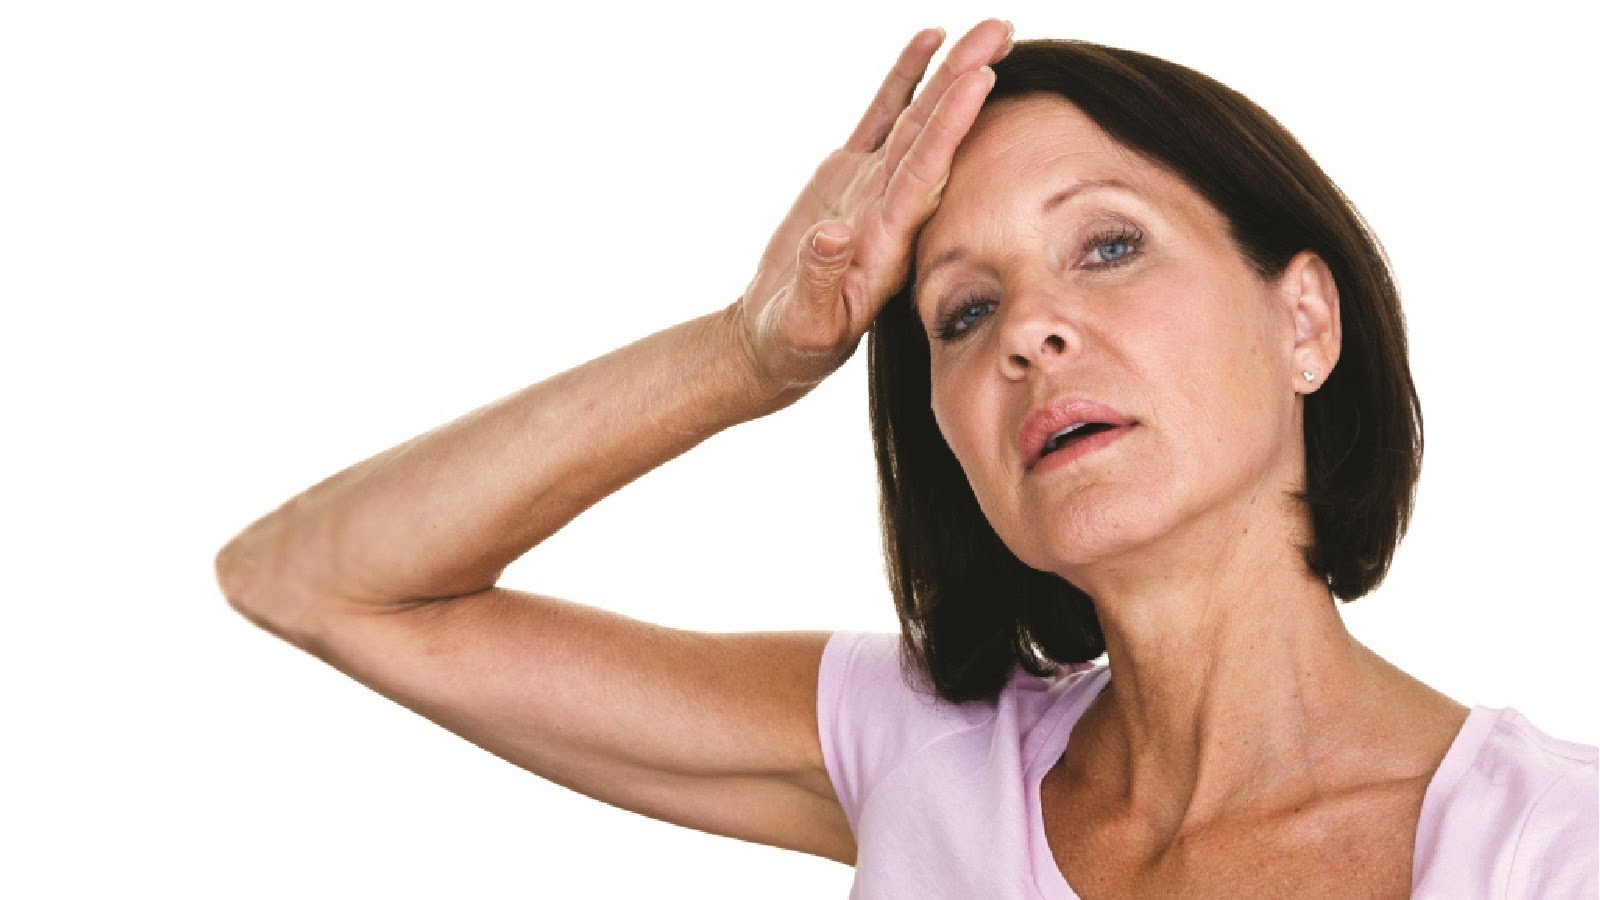 Климакс: анализы, назначаемые женщинам в период менопаузы